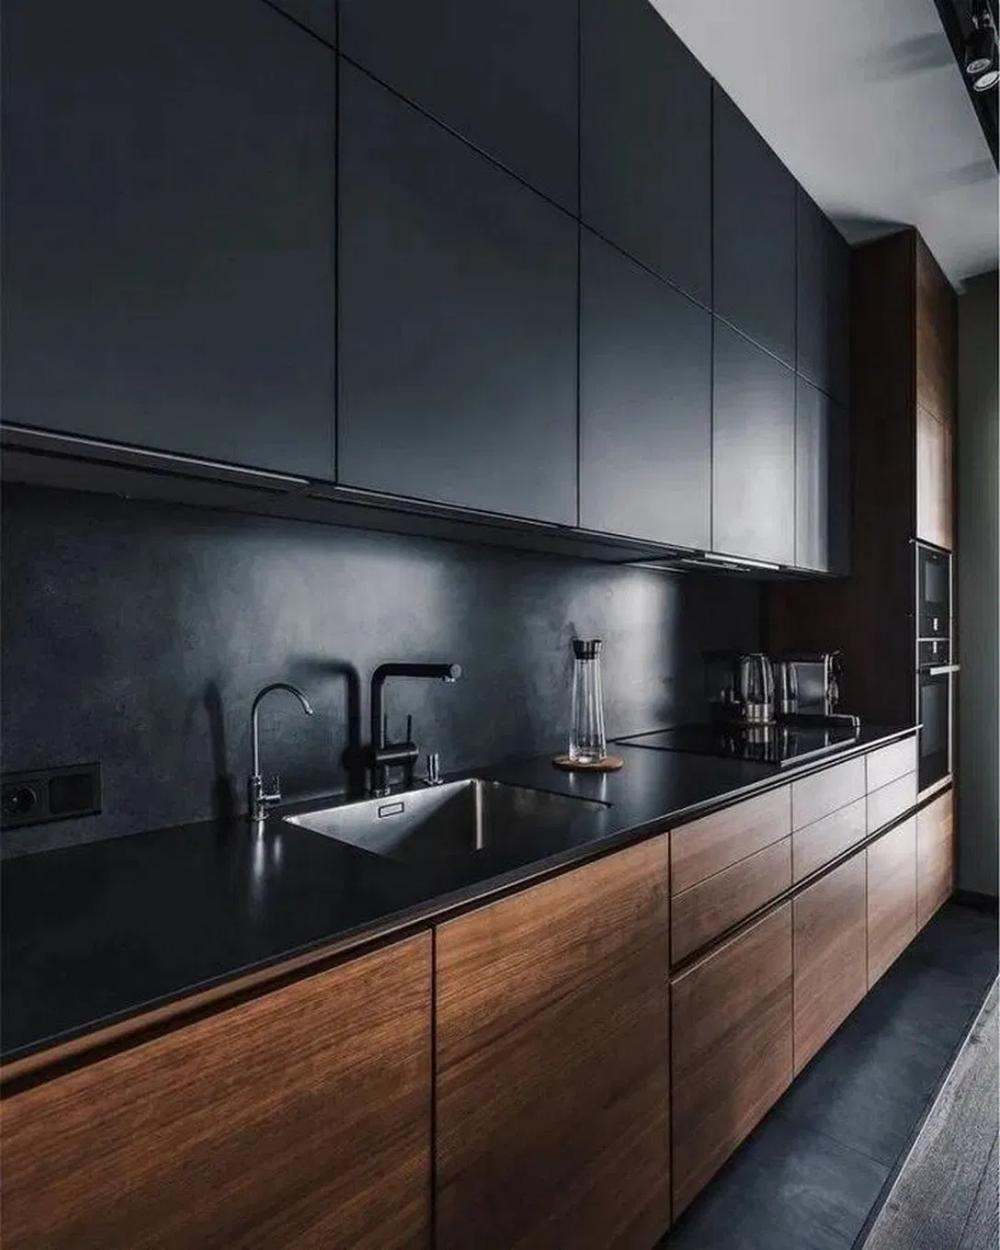 50 Amazing Black Kitchen Design Ideas 2020 Kitchen Room Design